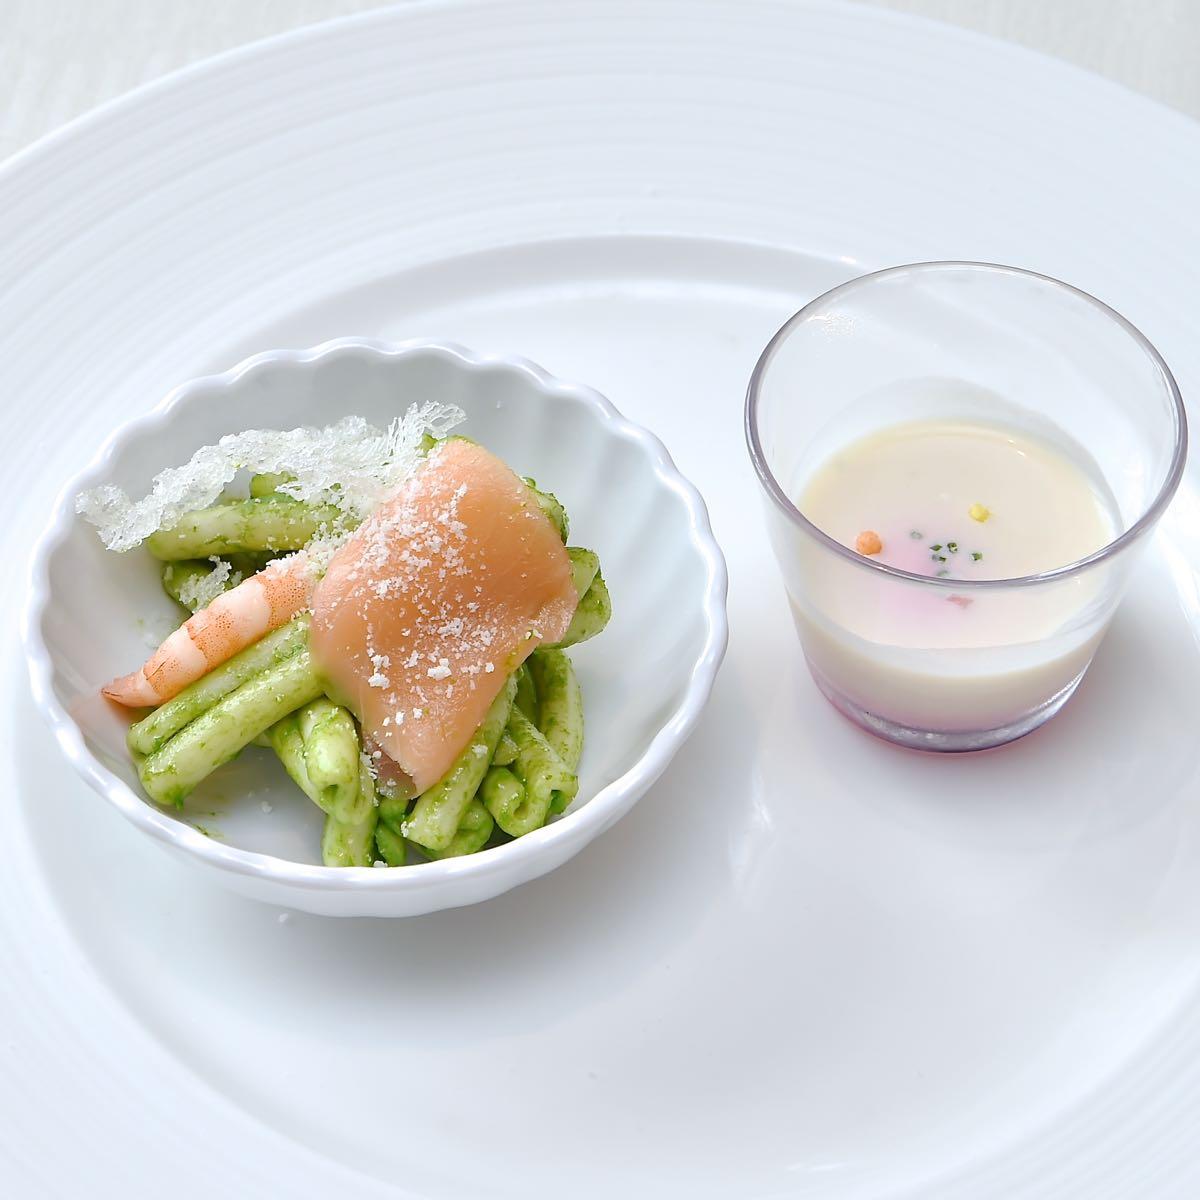 根セロリとビーツのスープ/スモークサーモンと春菊のパスタサラダ